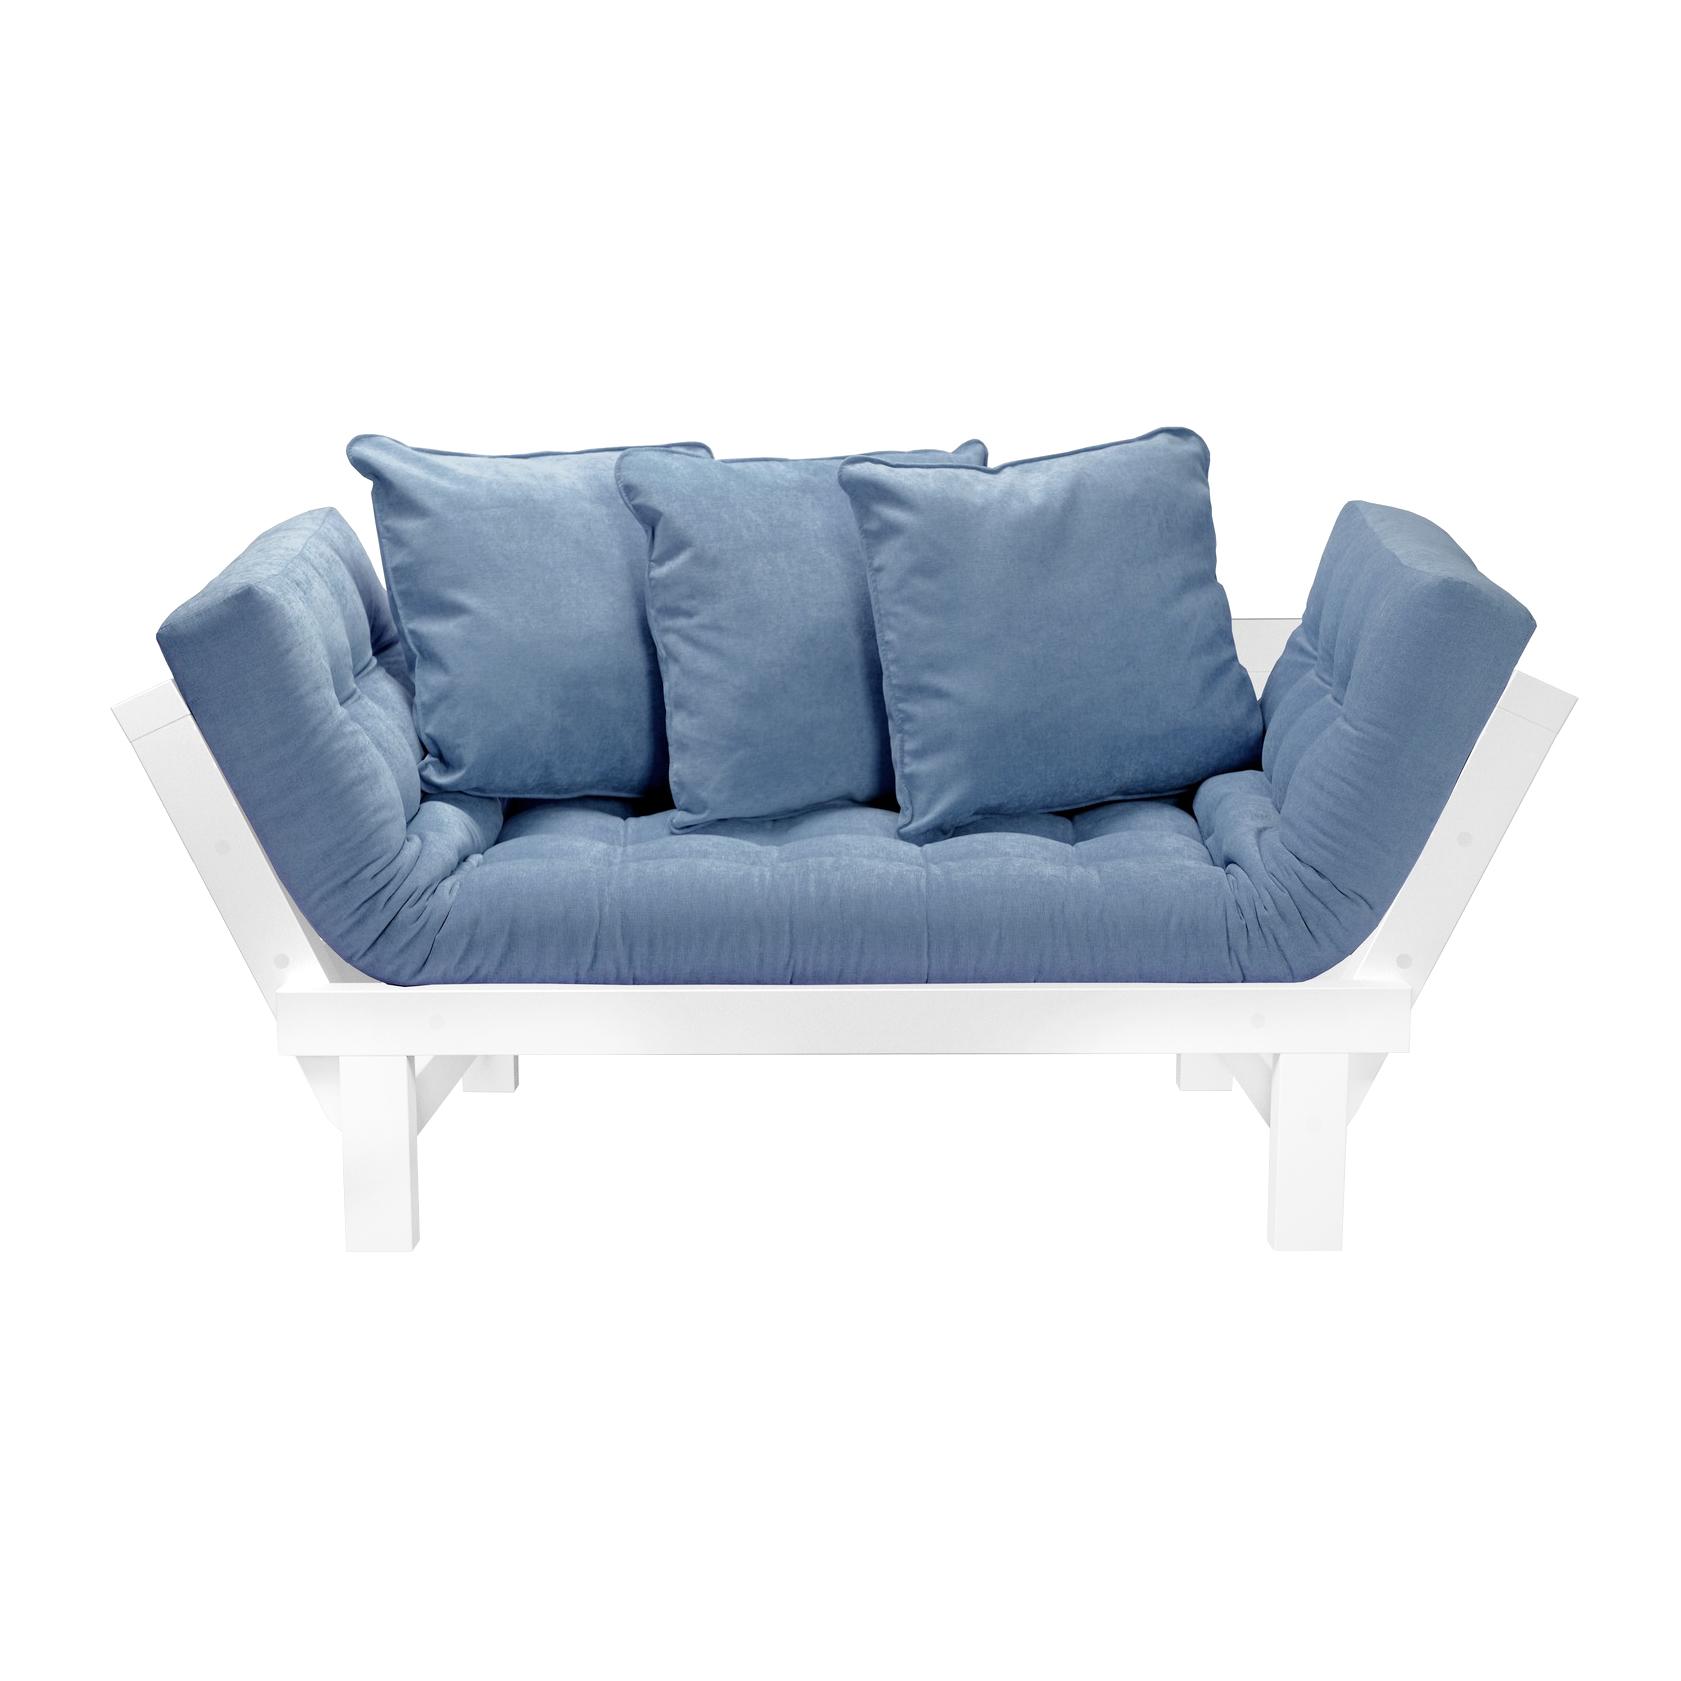 Кушетка AS Санди 158x77x61 белый/голубой кушетки